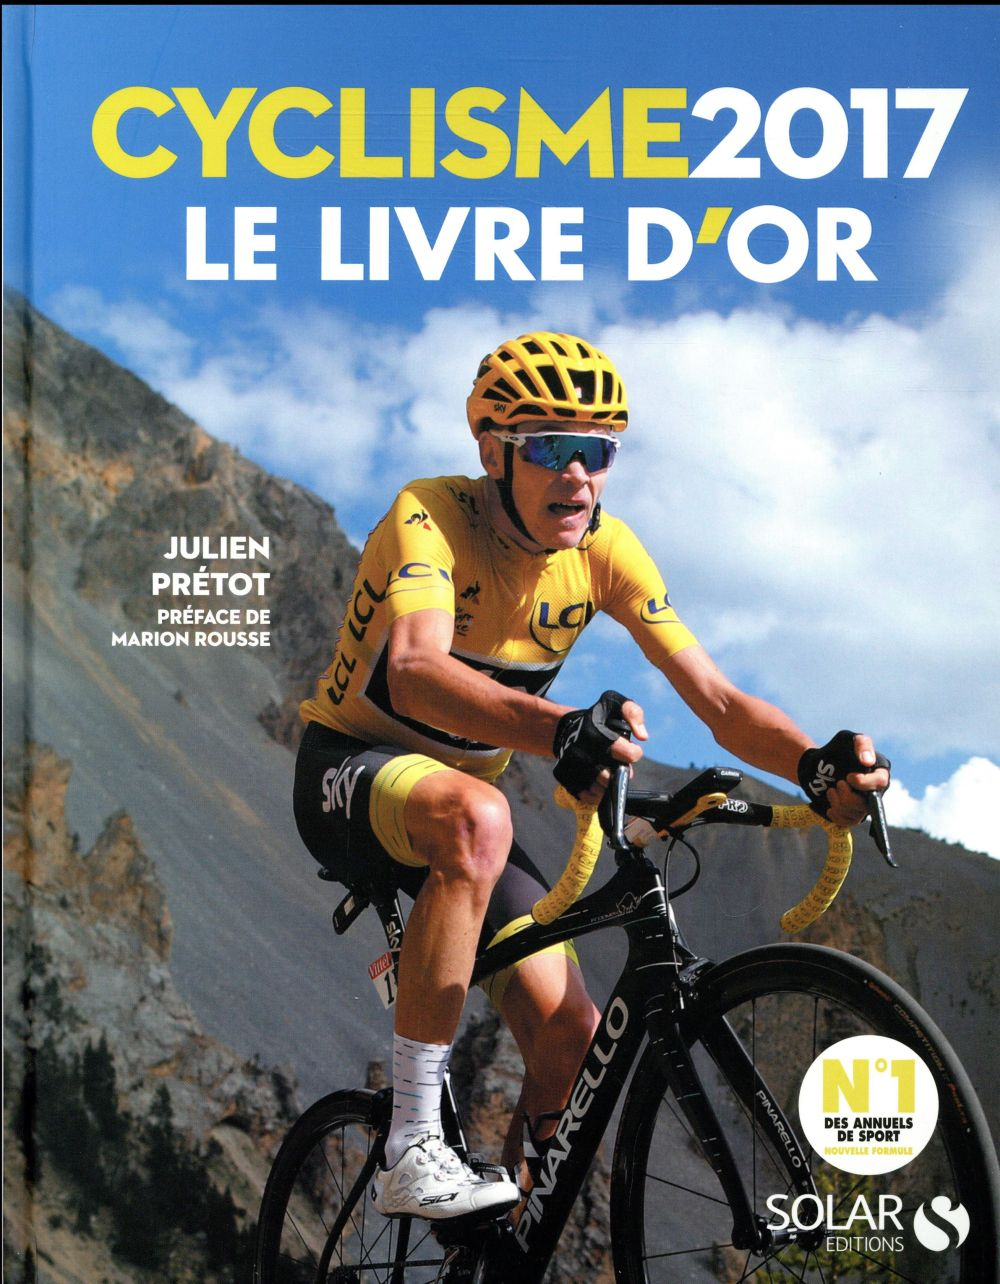 Cyclisme, le livre d'or (édition 2017)